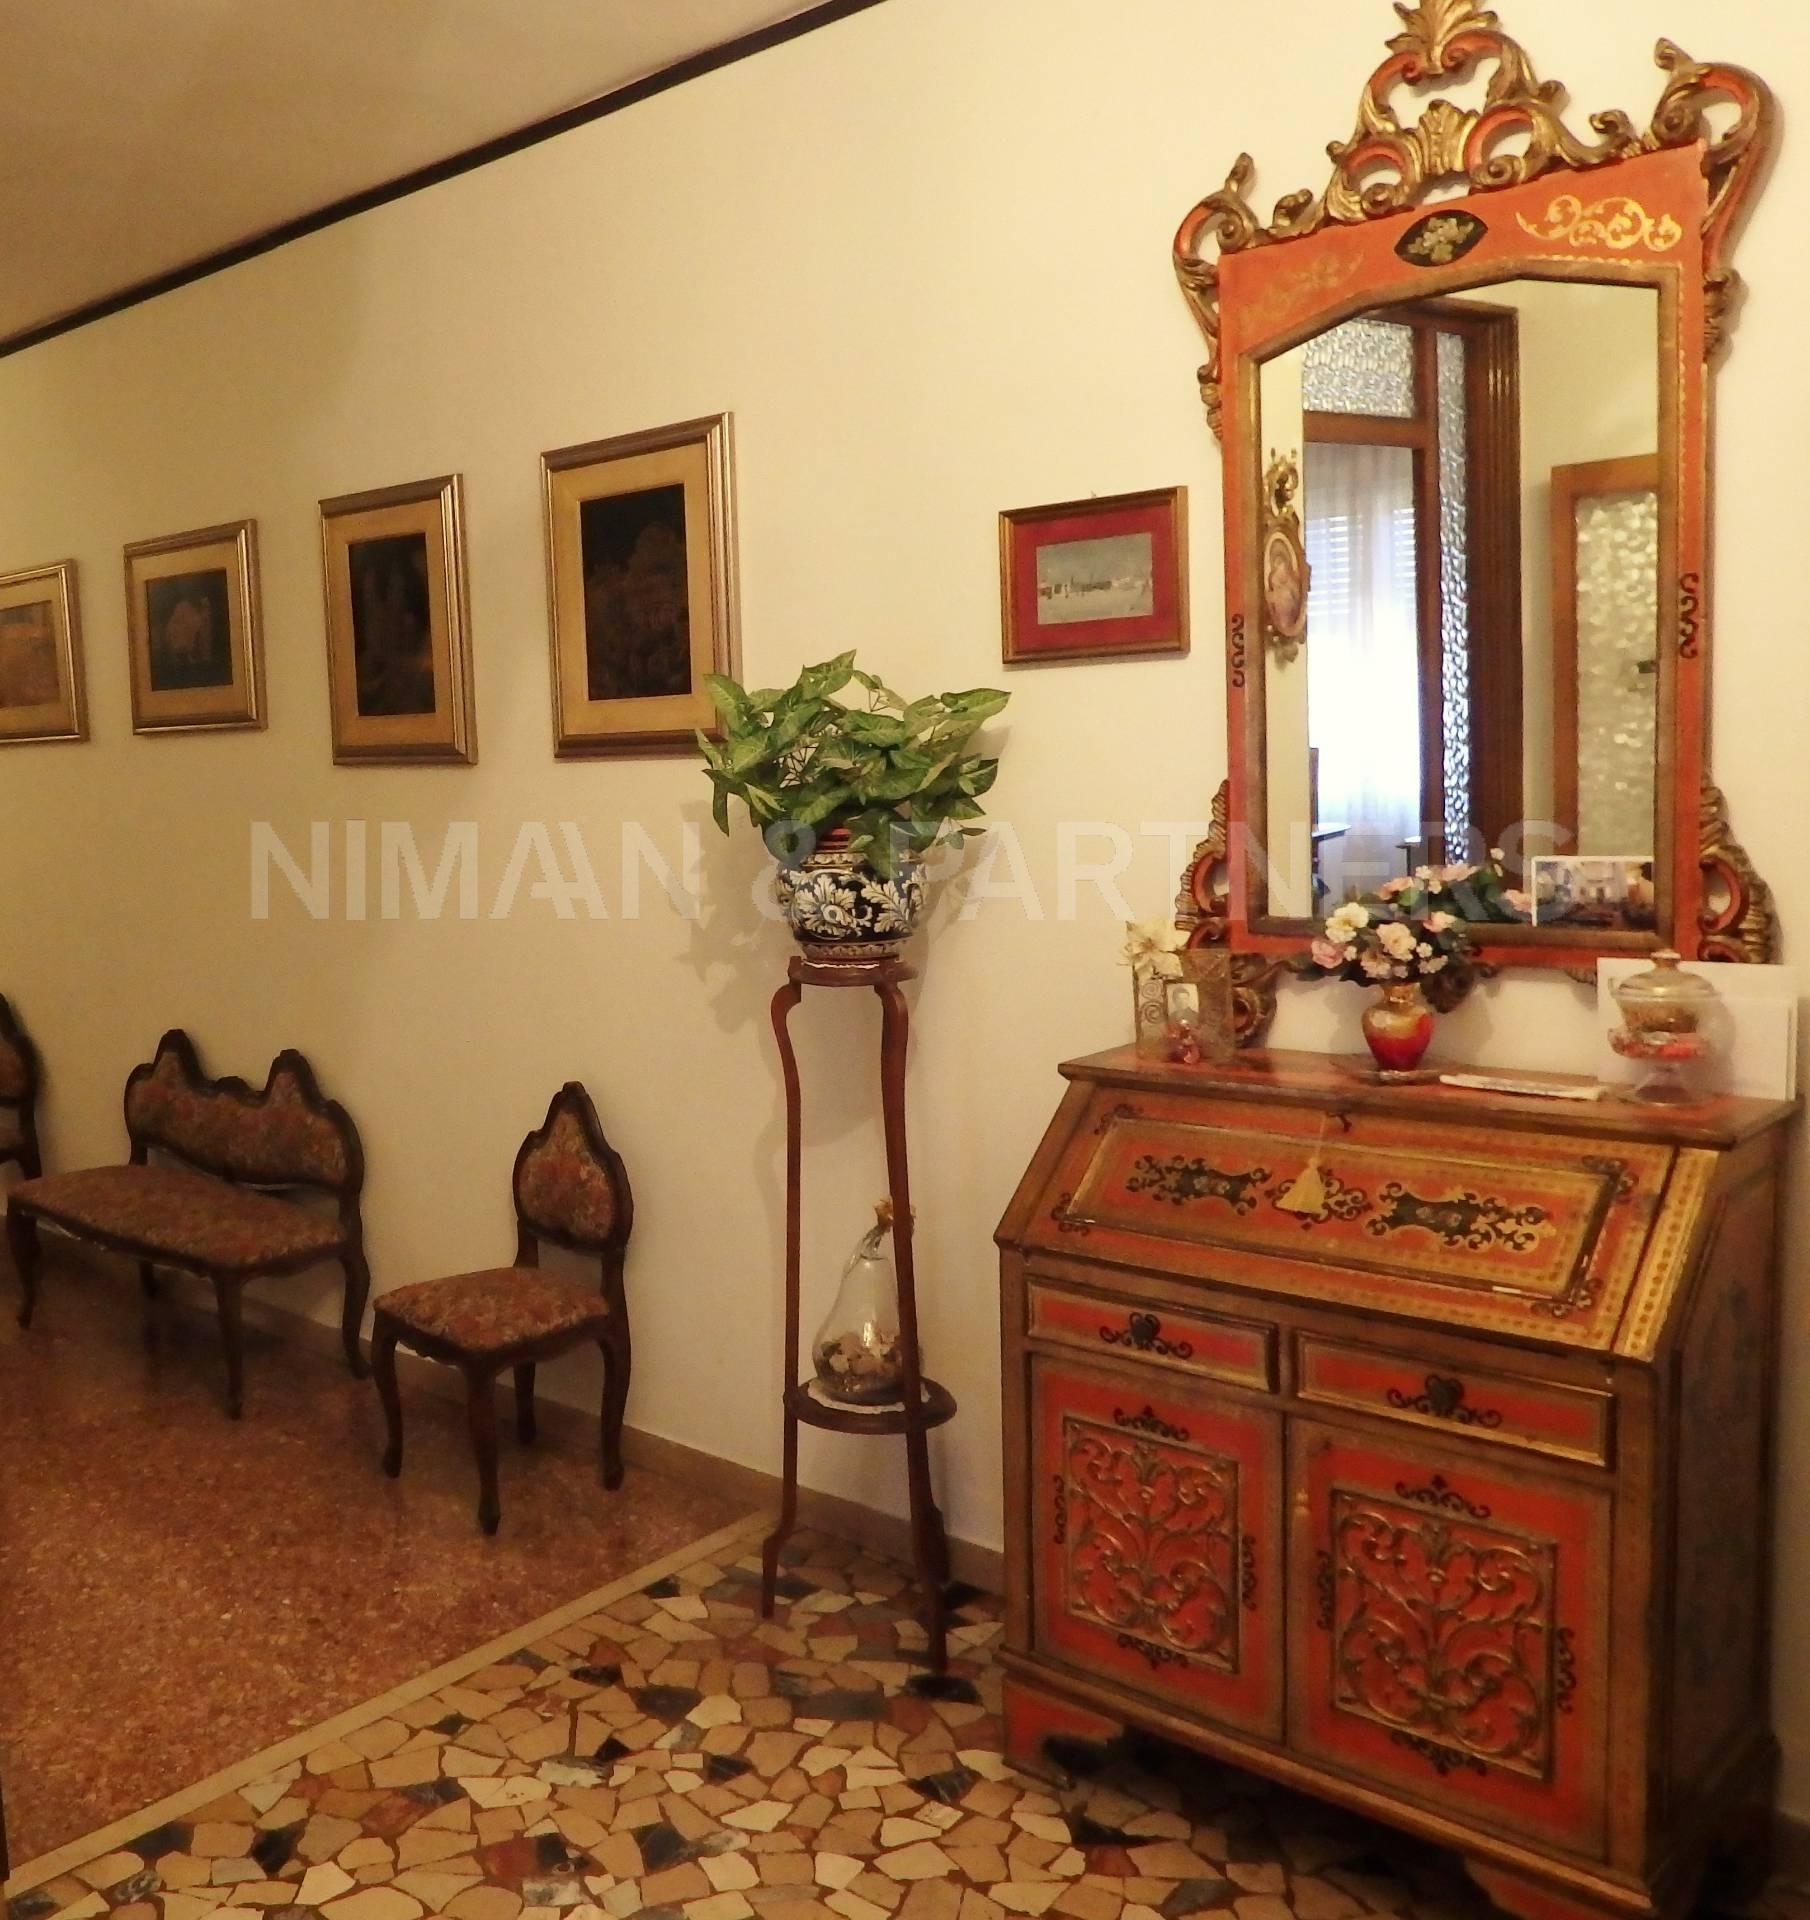 Appartamento in vendita a Venezia, 4 locali, zona Zona: 6 . Dorsoduro, prezzo € 540.000   Cambio Casa.it